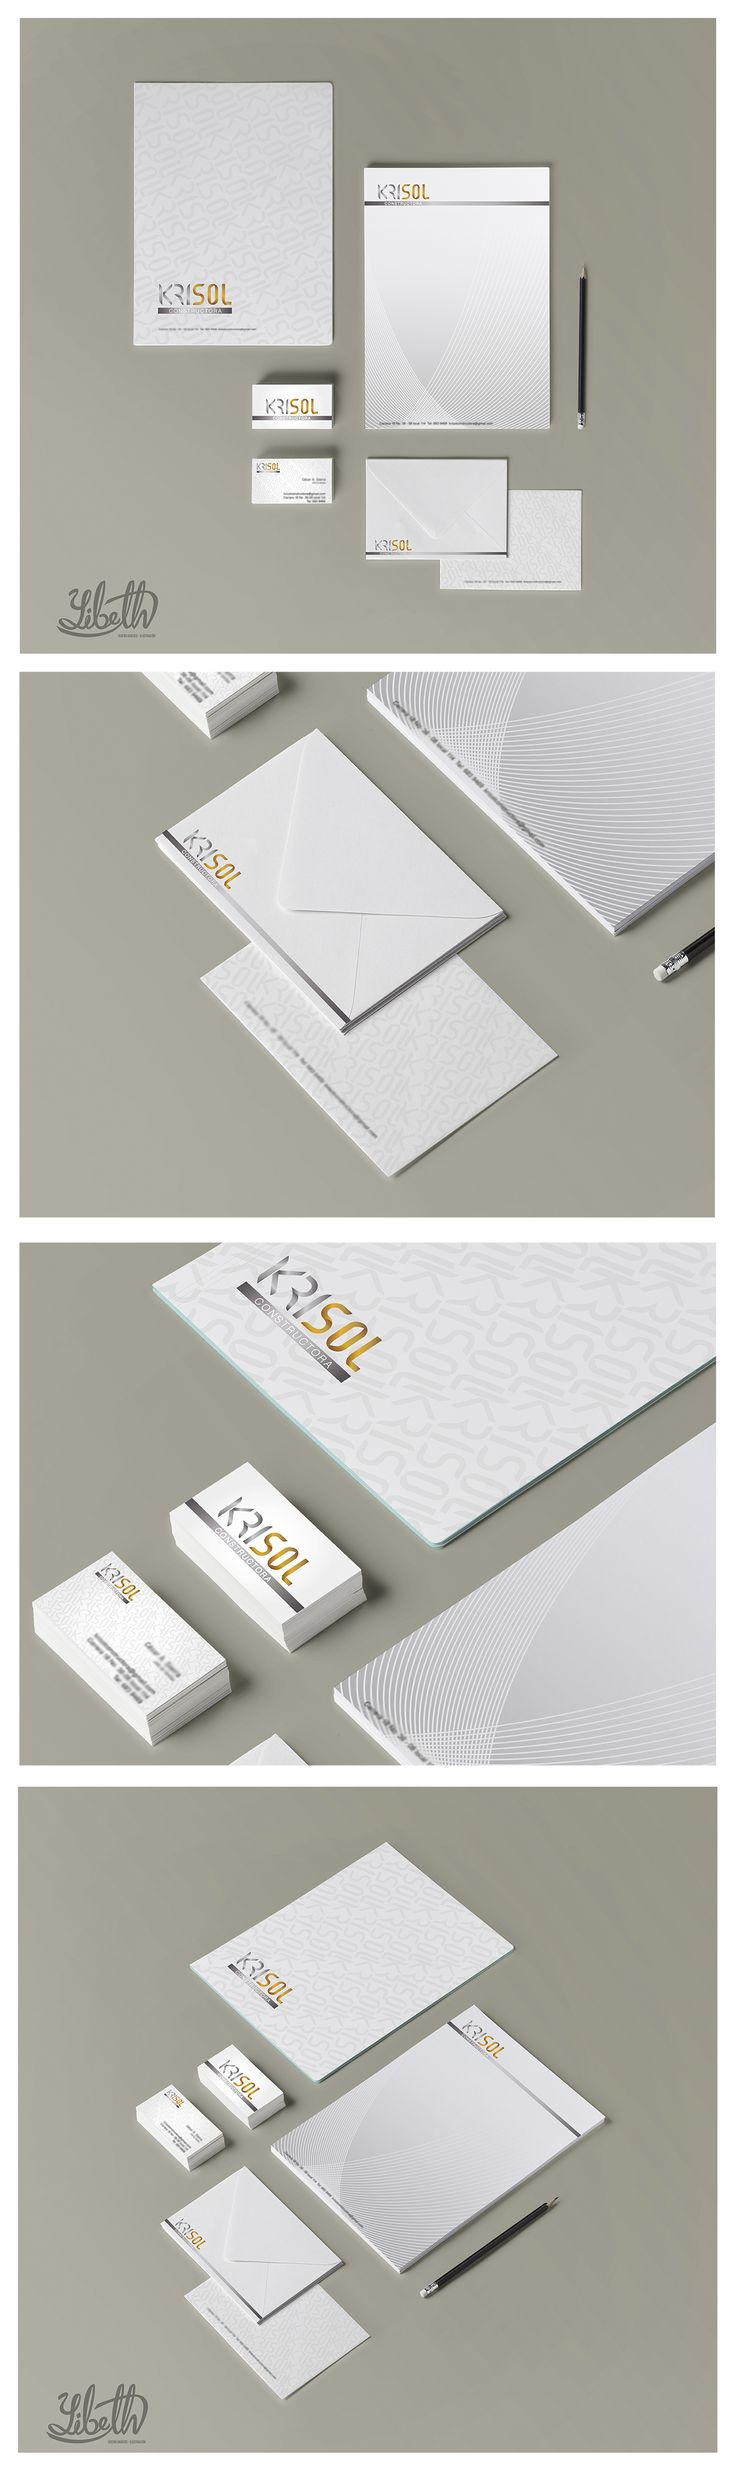 Desarrollo de marca: KRISOL CONSTRUCTORA.  Diseño personal. Autor: Yibeth Gonzalez Silva.